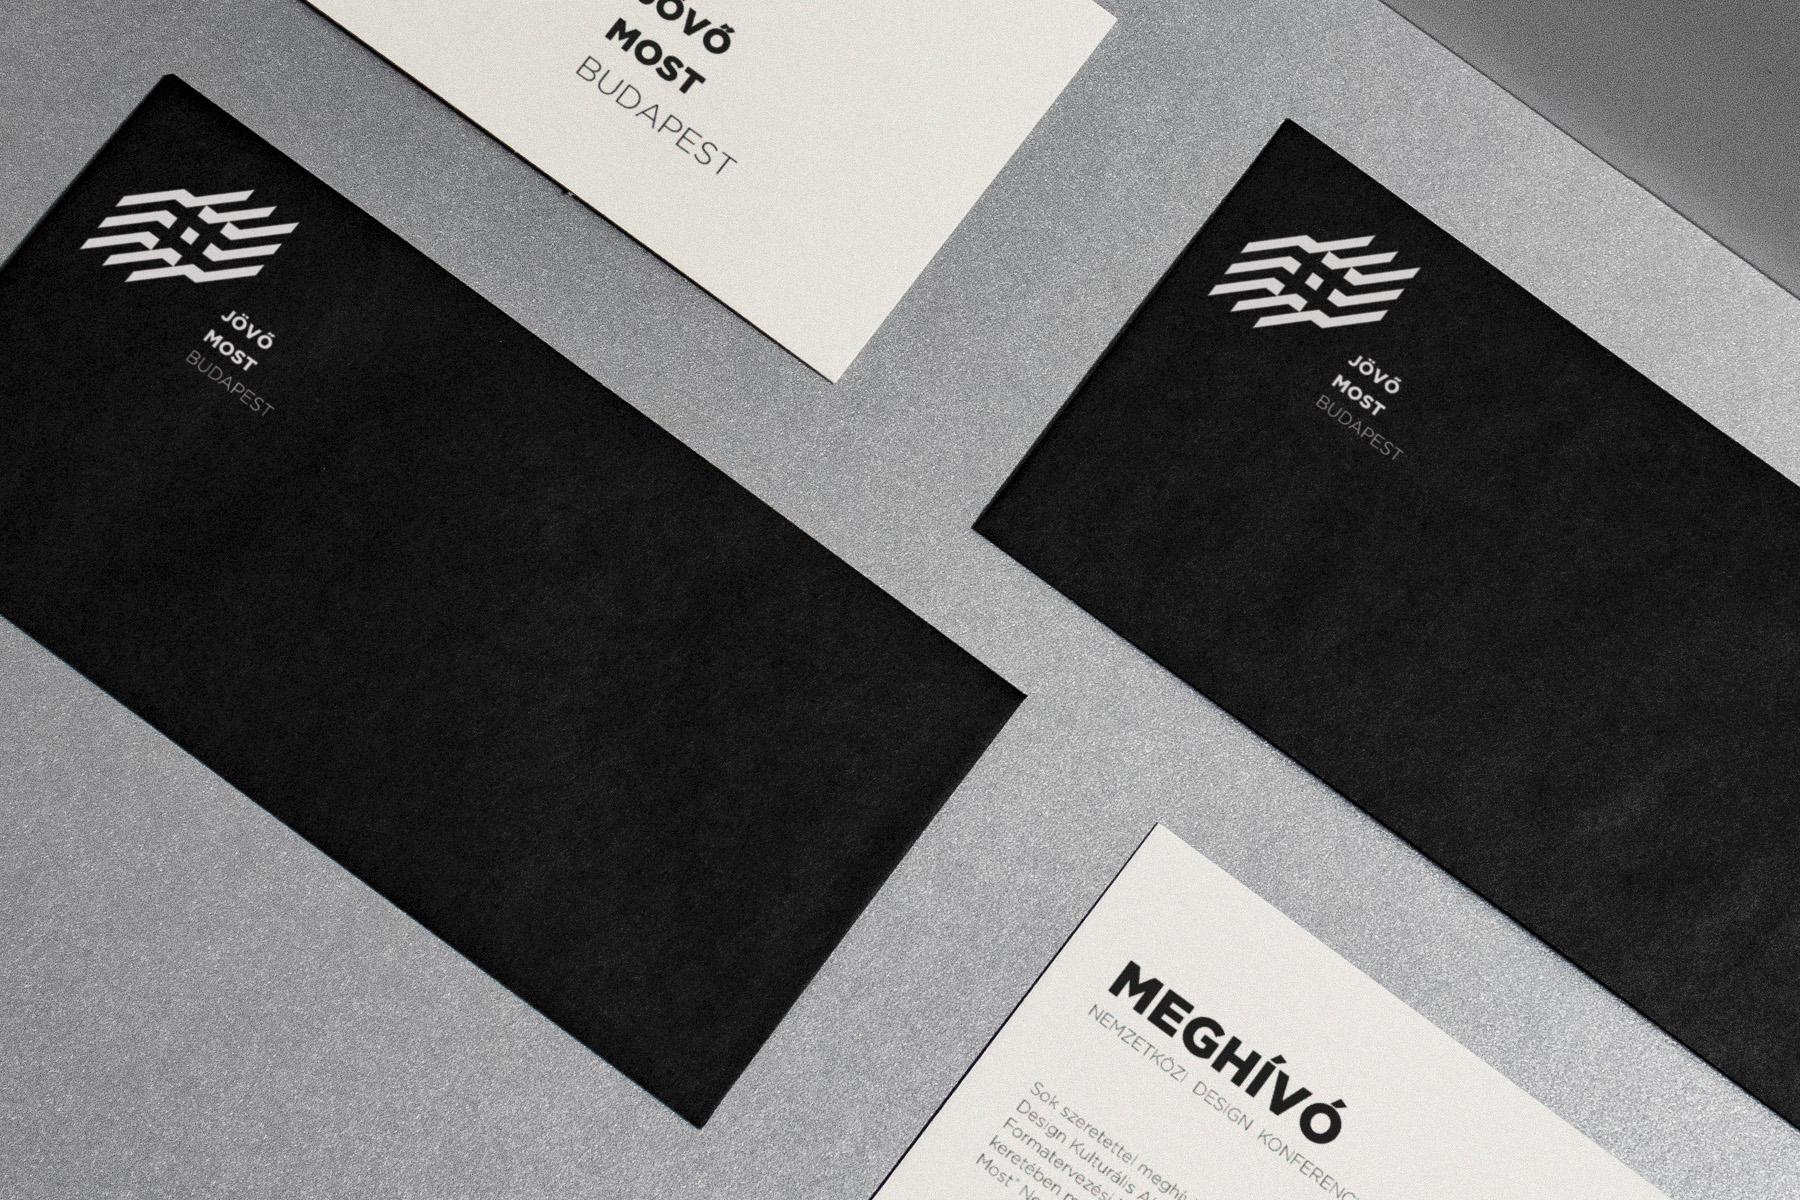 JuhászKlaudia_PothárnJúlia_DesignKonferencia_kép04.jpg